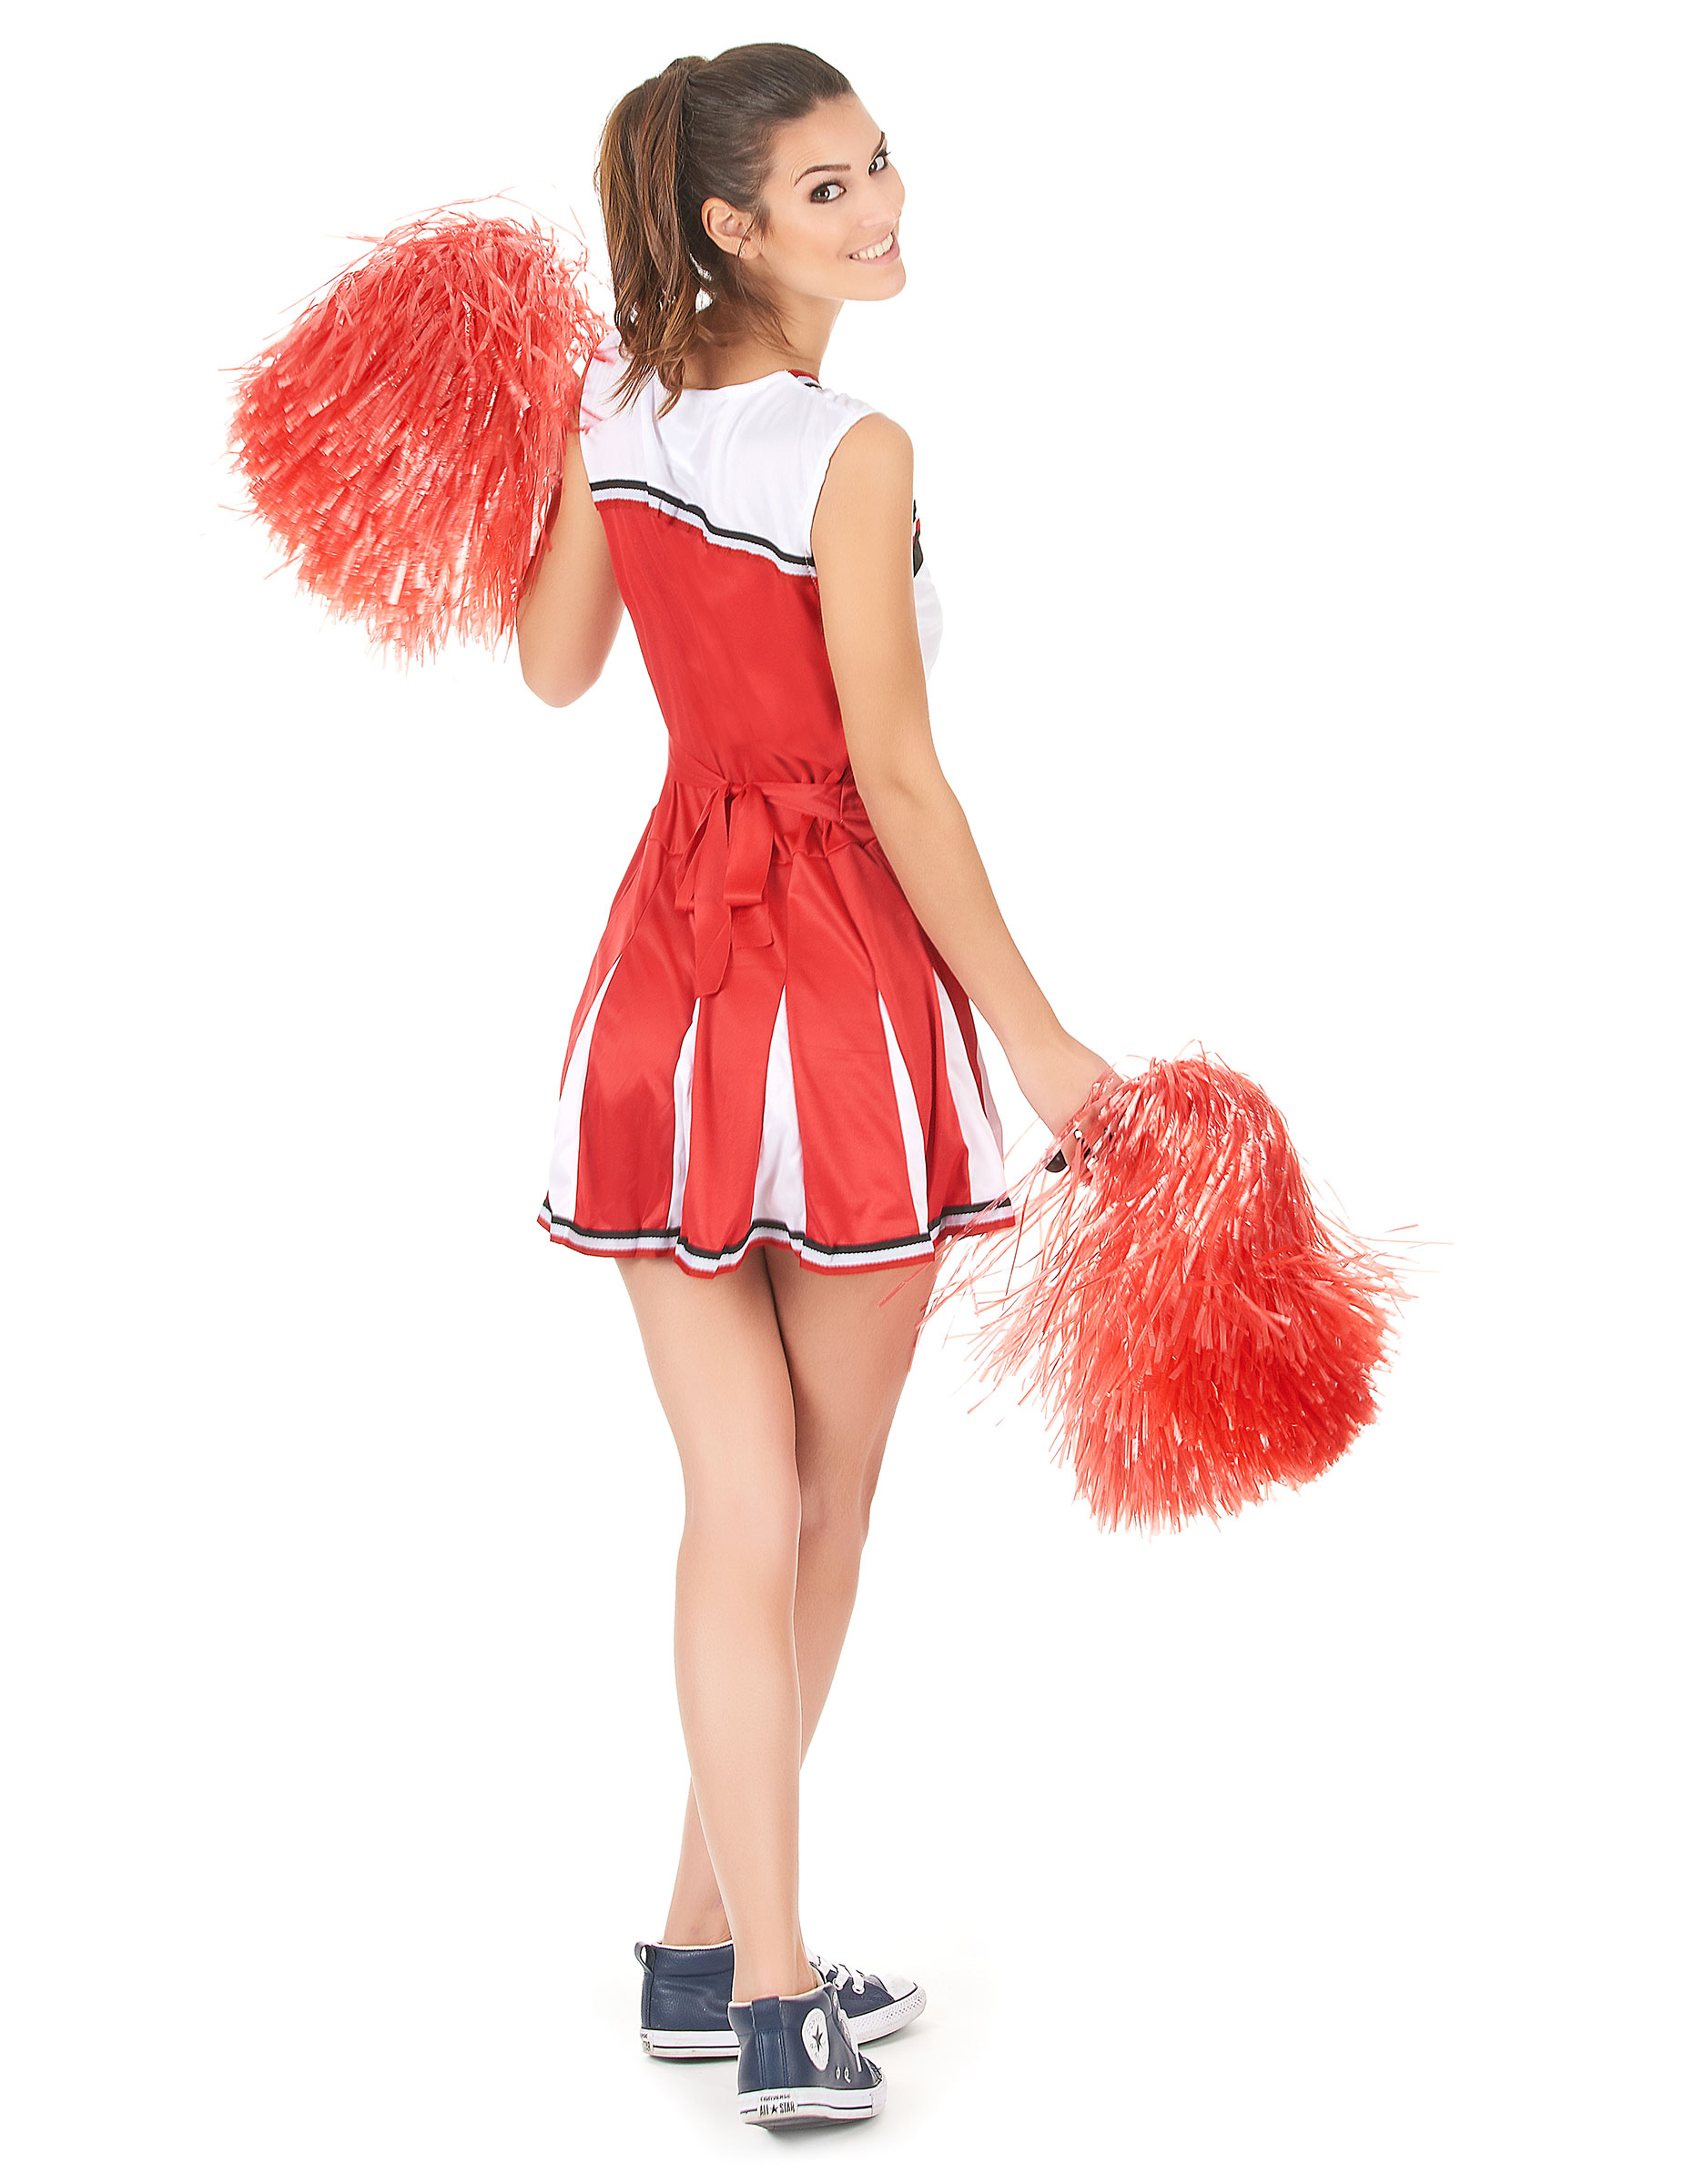 cheerleader sidste skoledag